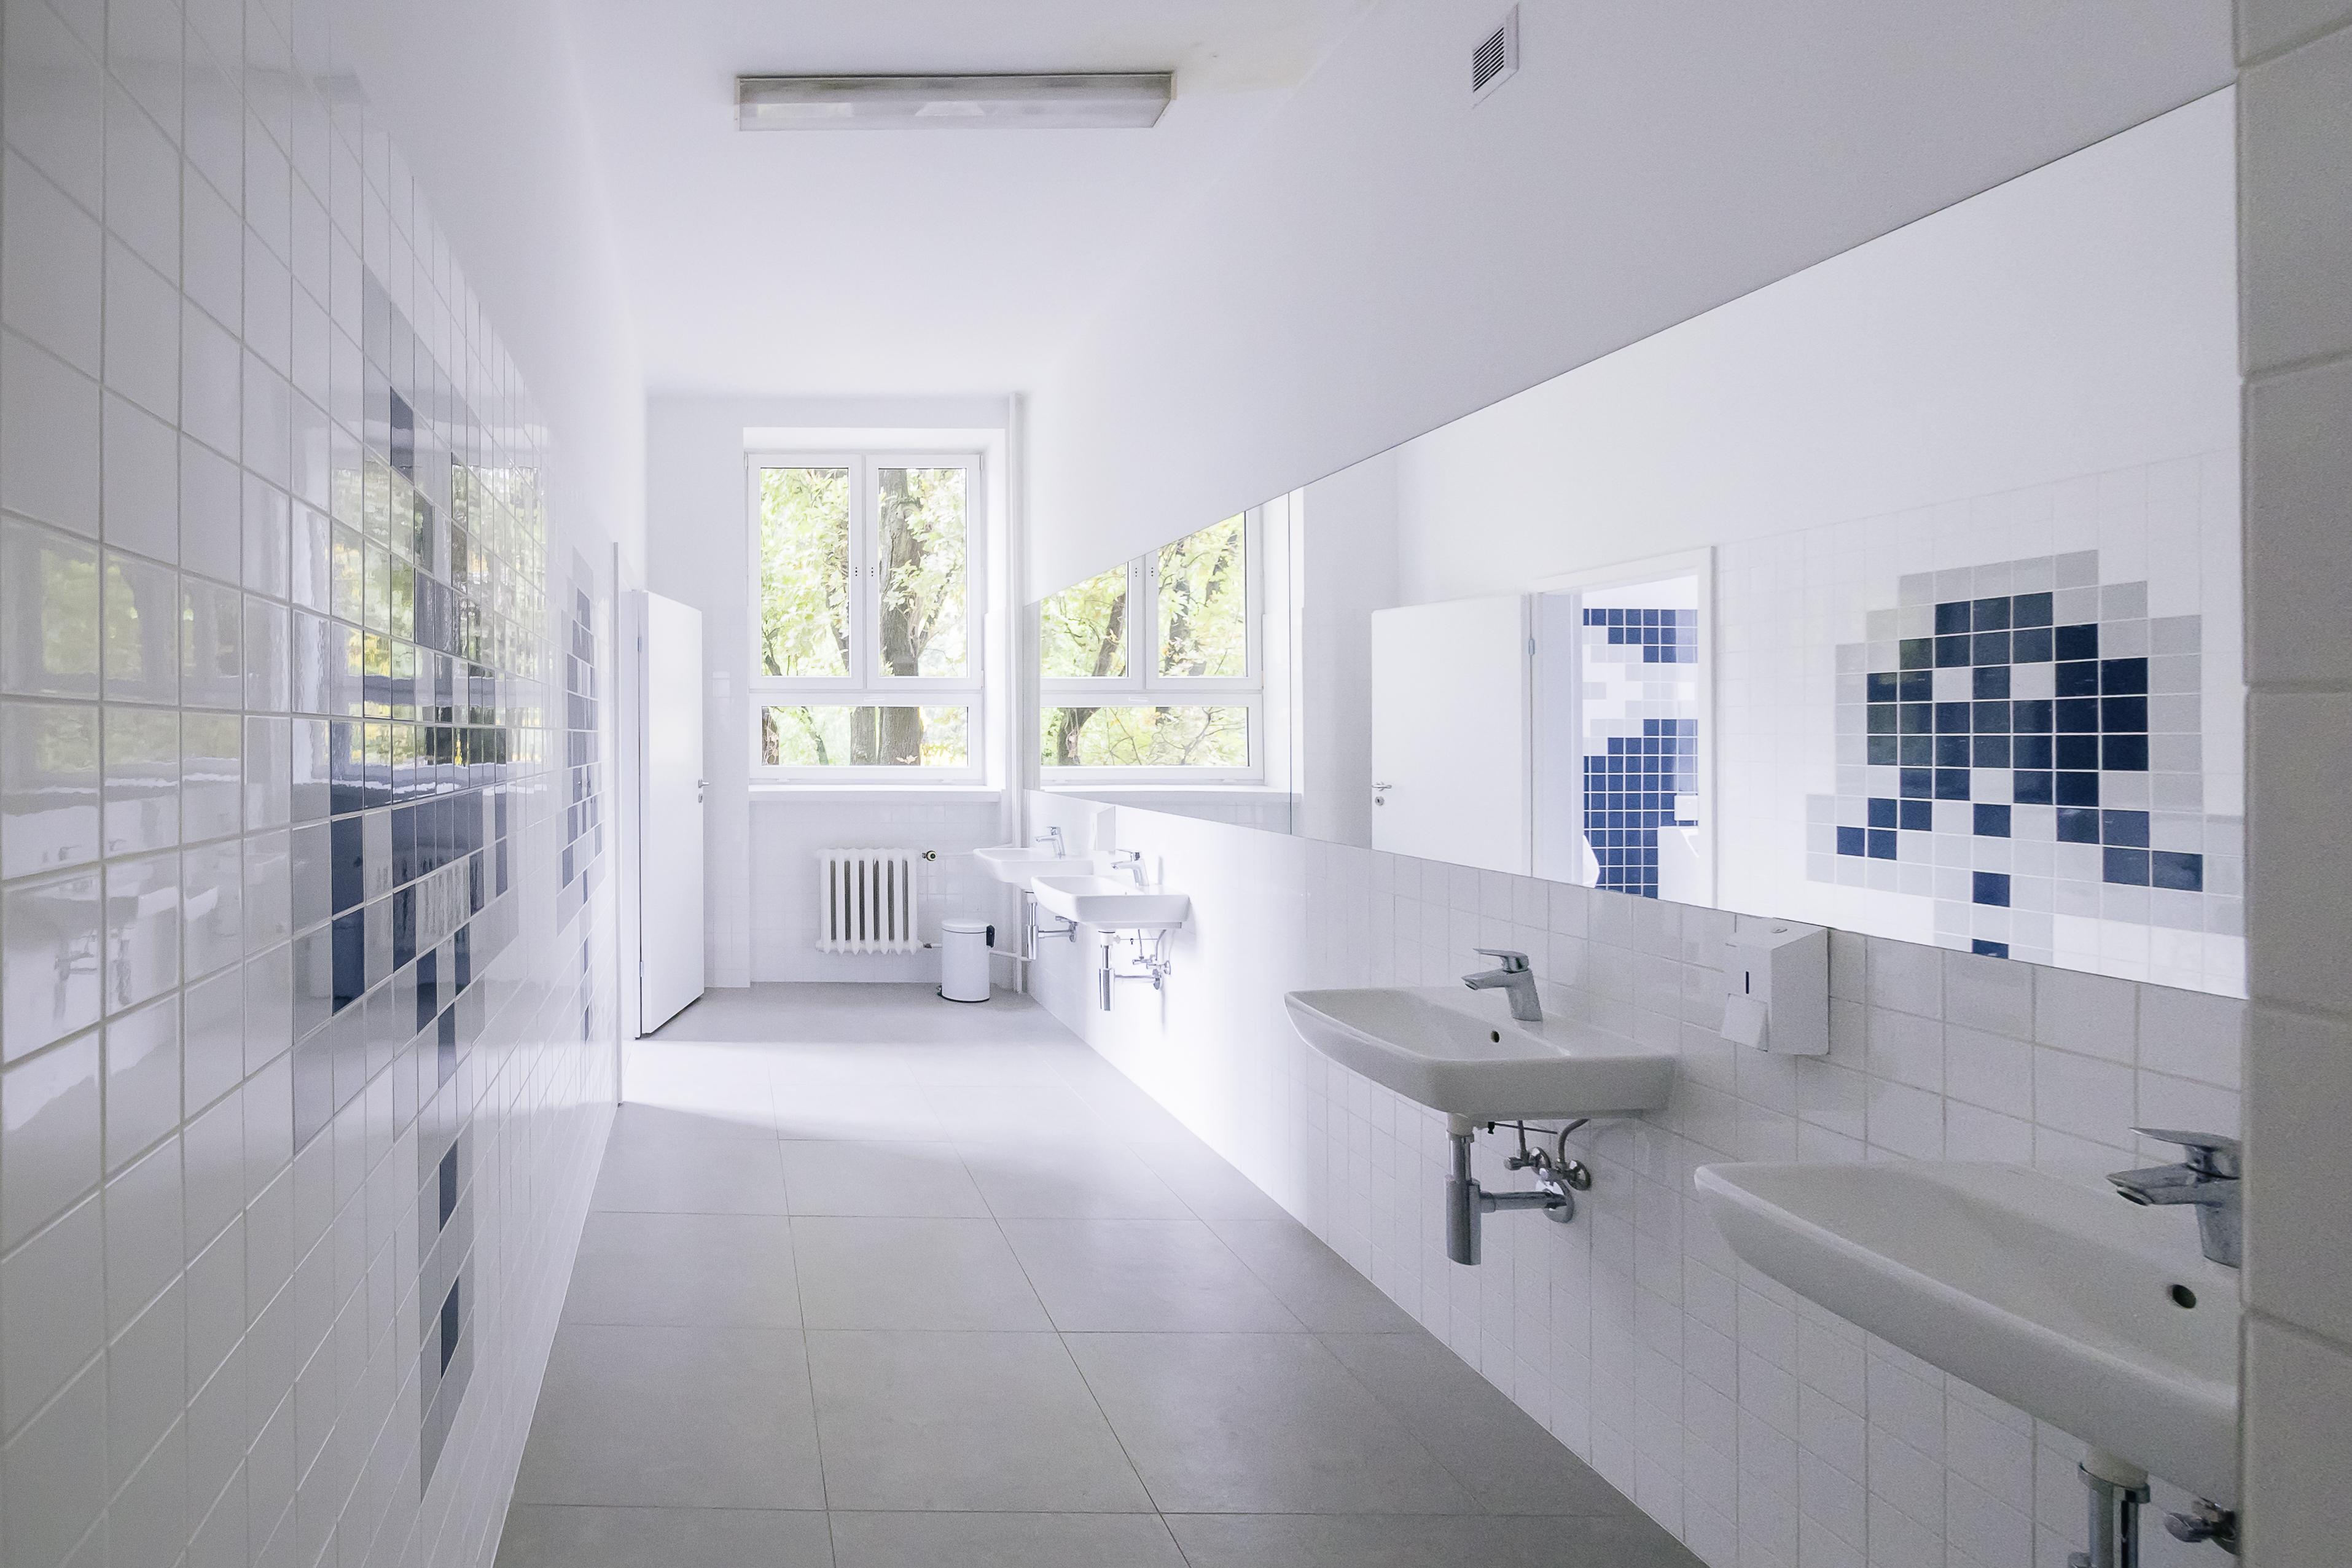 Wyremontowana łazienka w kolorach bieli po prawej stronie na ścianie ułożone są granatowe płytki w kształt pikselowych wzorów, po lewej stronie umywalki z lustrami, naprzeciwko okno. Podłoga w odcieniach szarości.